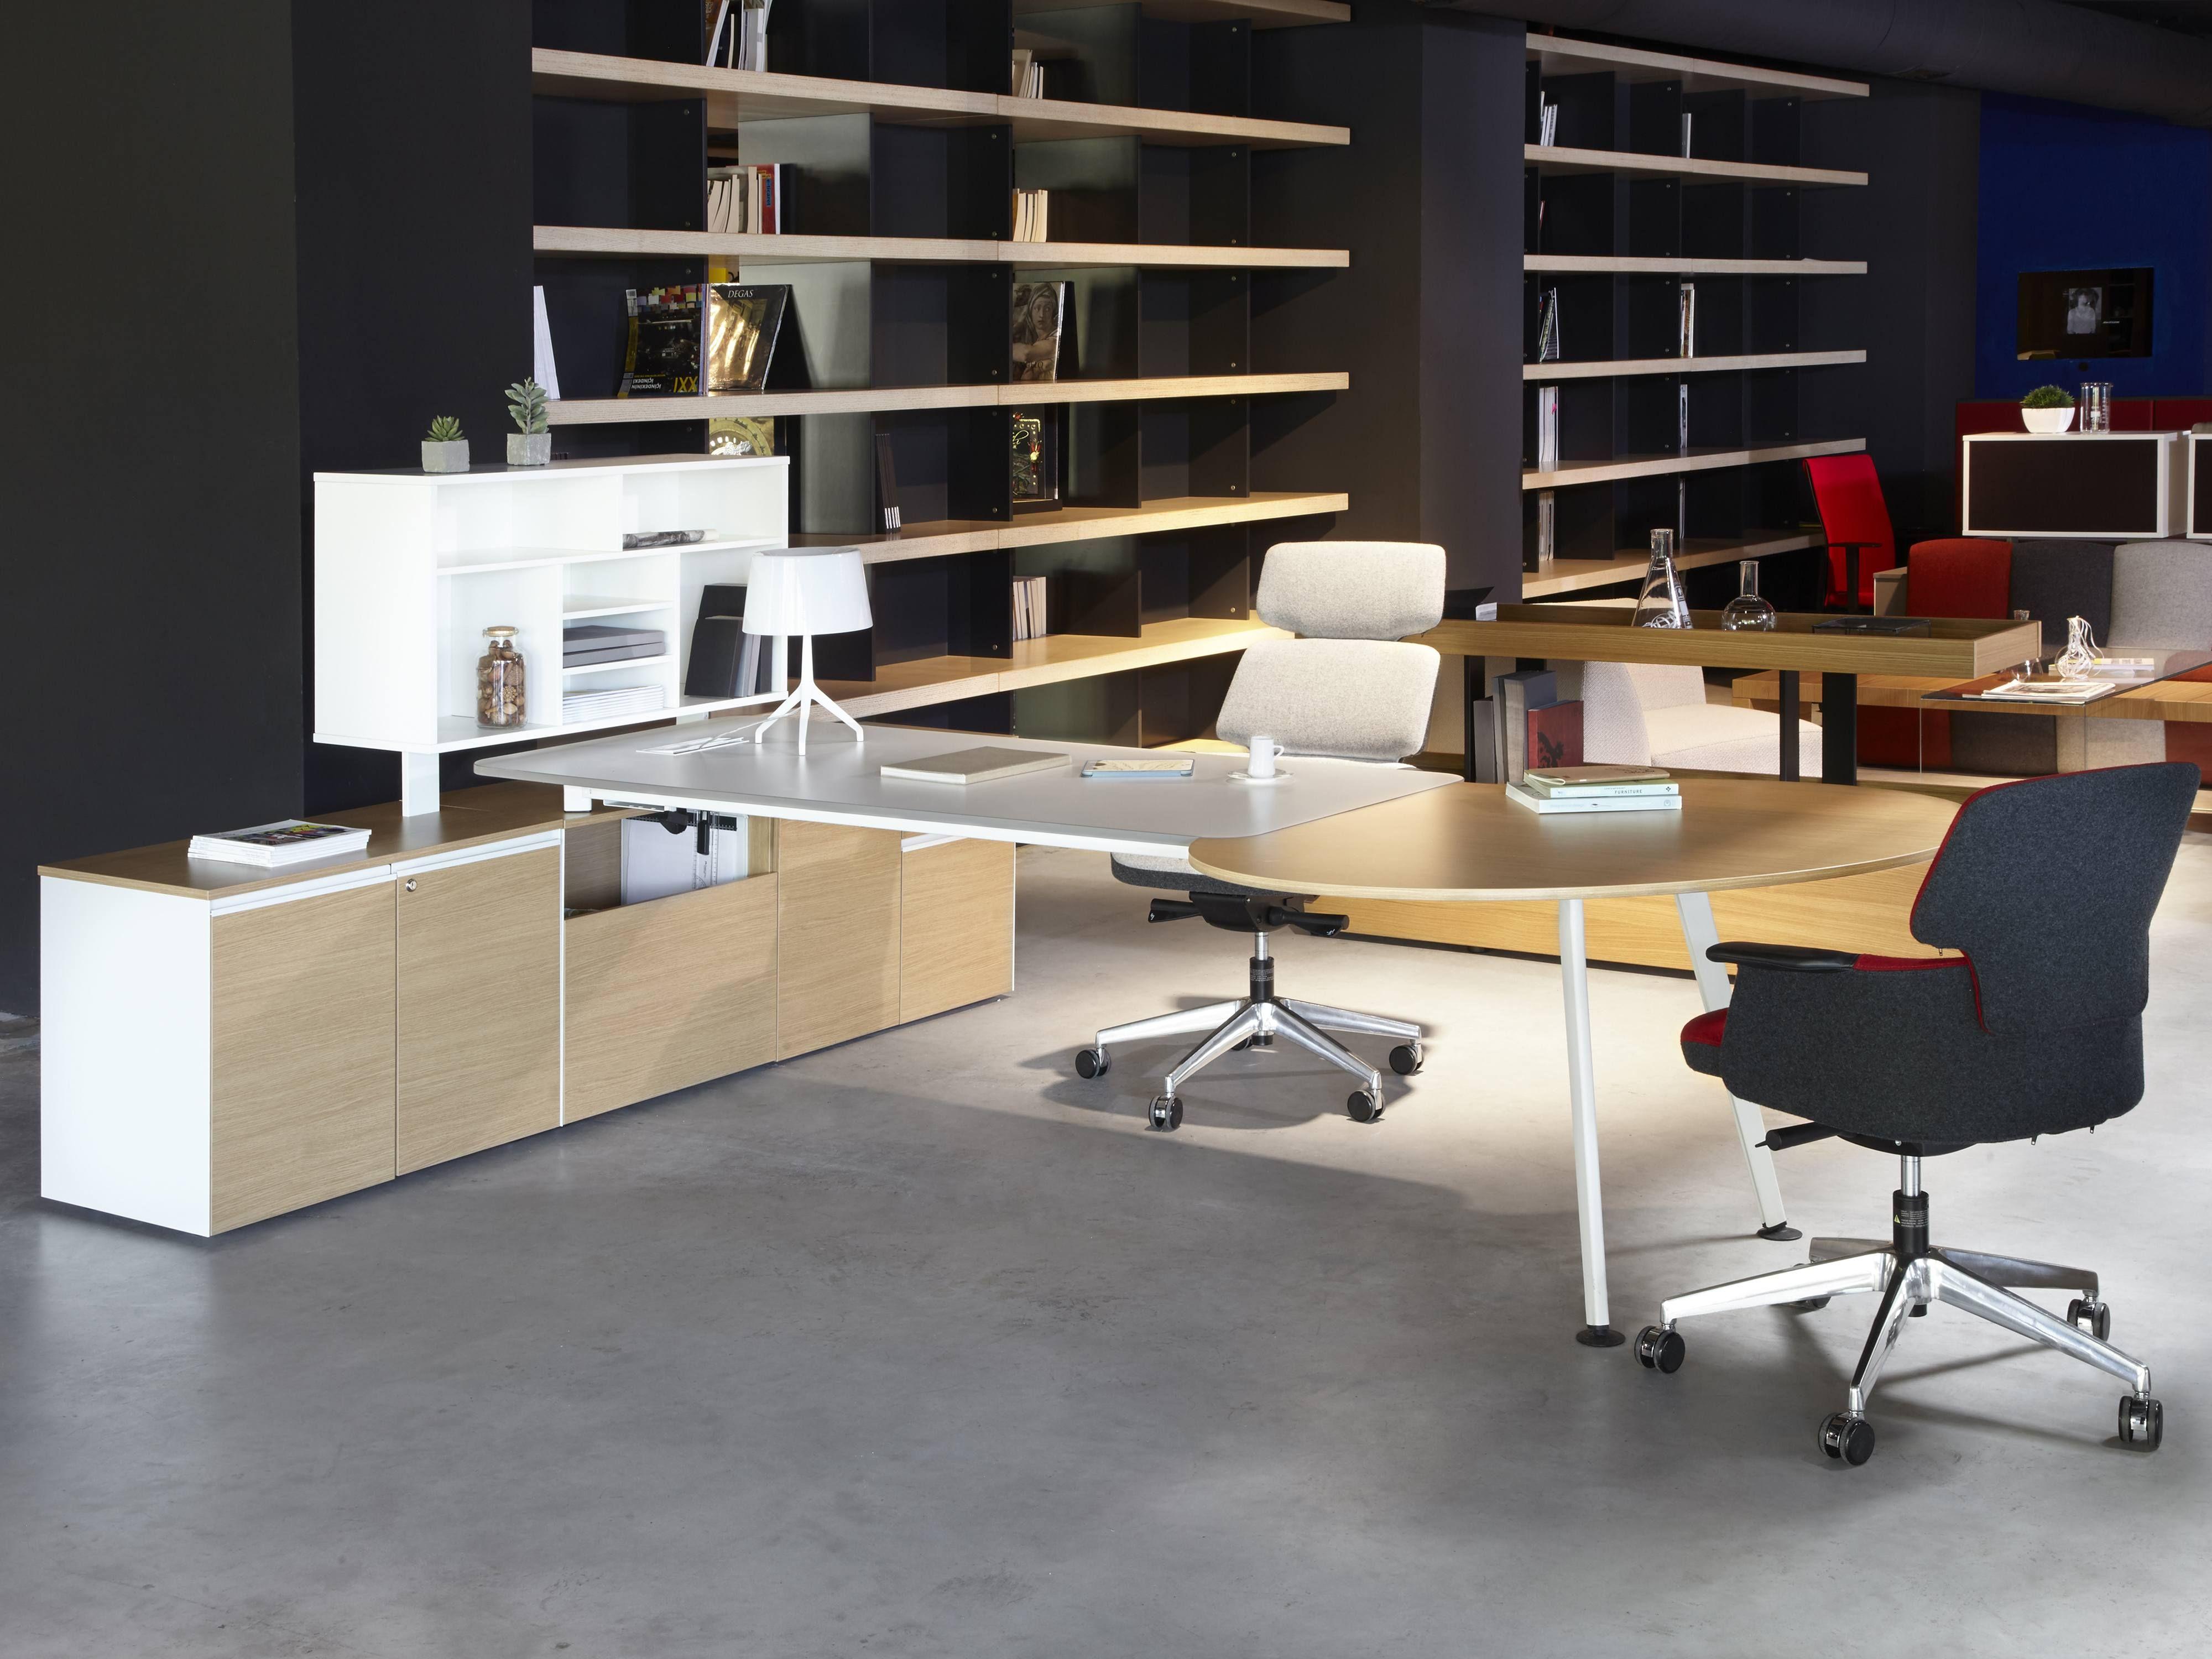 Koleksiyon Atos Chefzimmer Schreibtisch Buroeinrichtung Office Objekteinrichtung Buro Mobelideen Design Schreibtisch Einrichtung